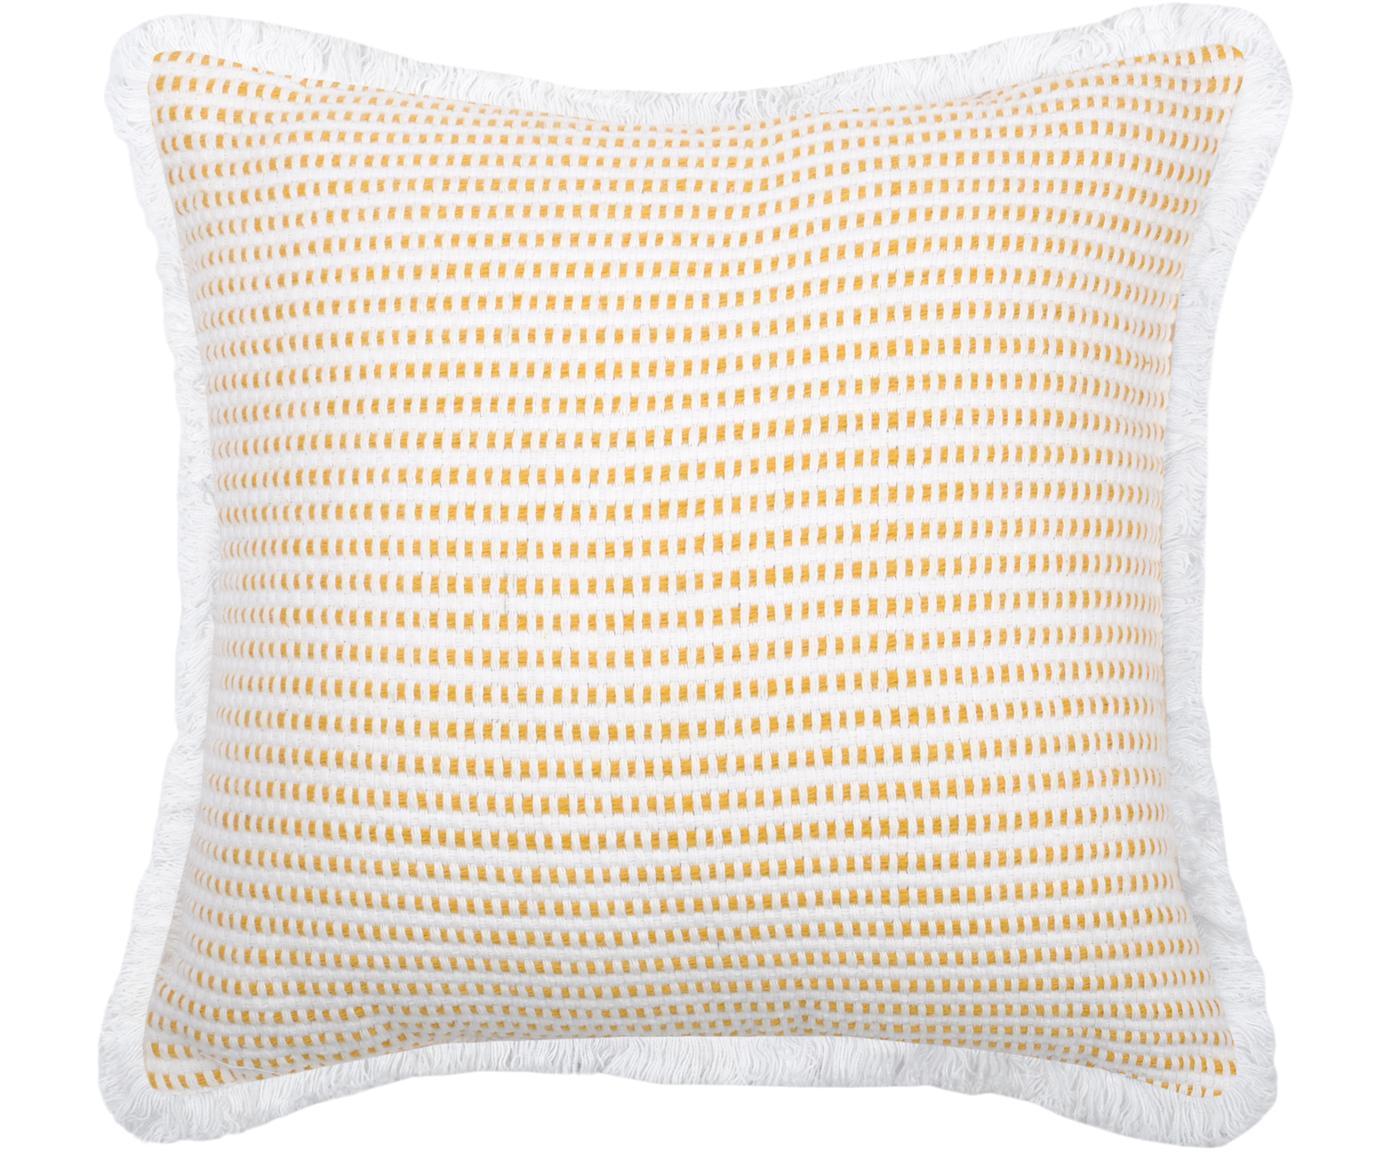 Kissen Salamanca in Gelb/Weiss, mit Inlett, 100% Baumwolle, Weiss, Gelb, 40 x 40 cm